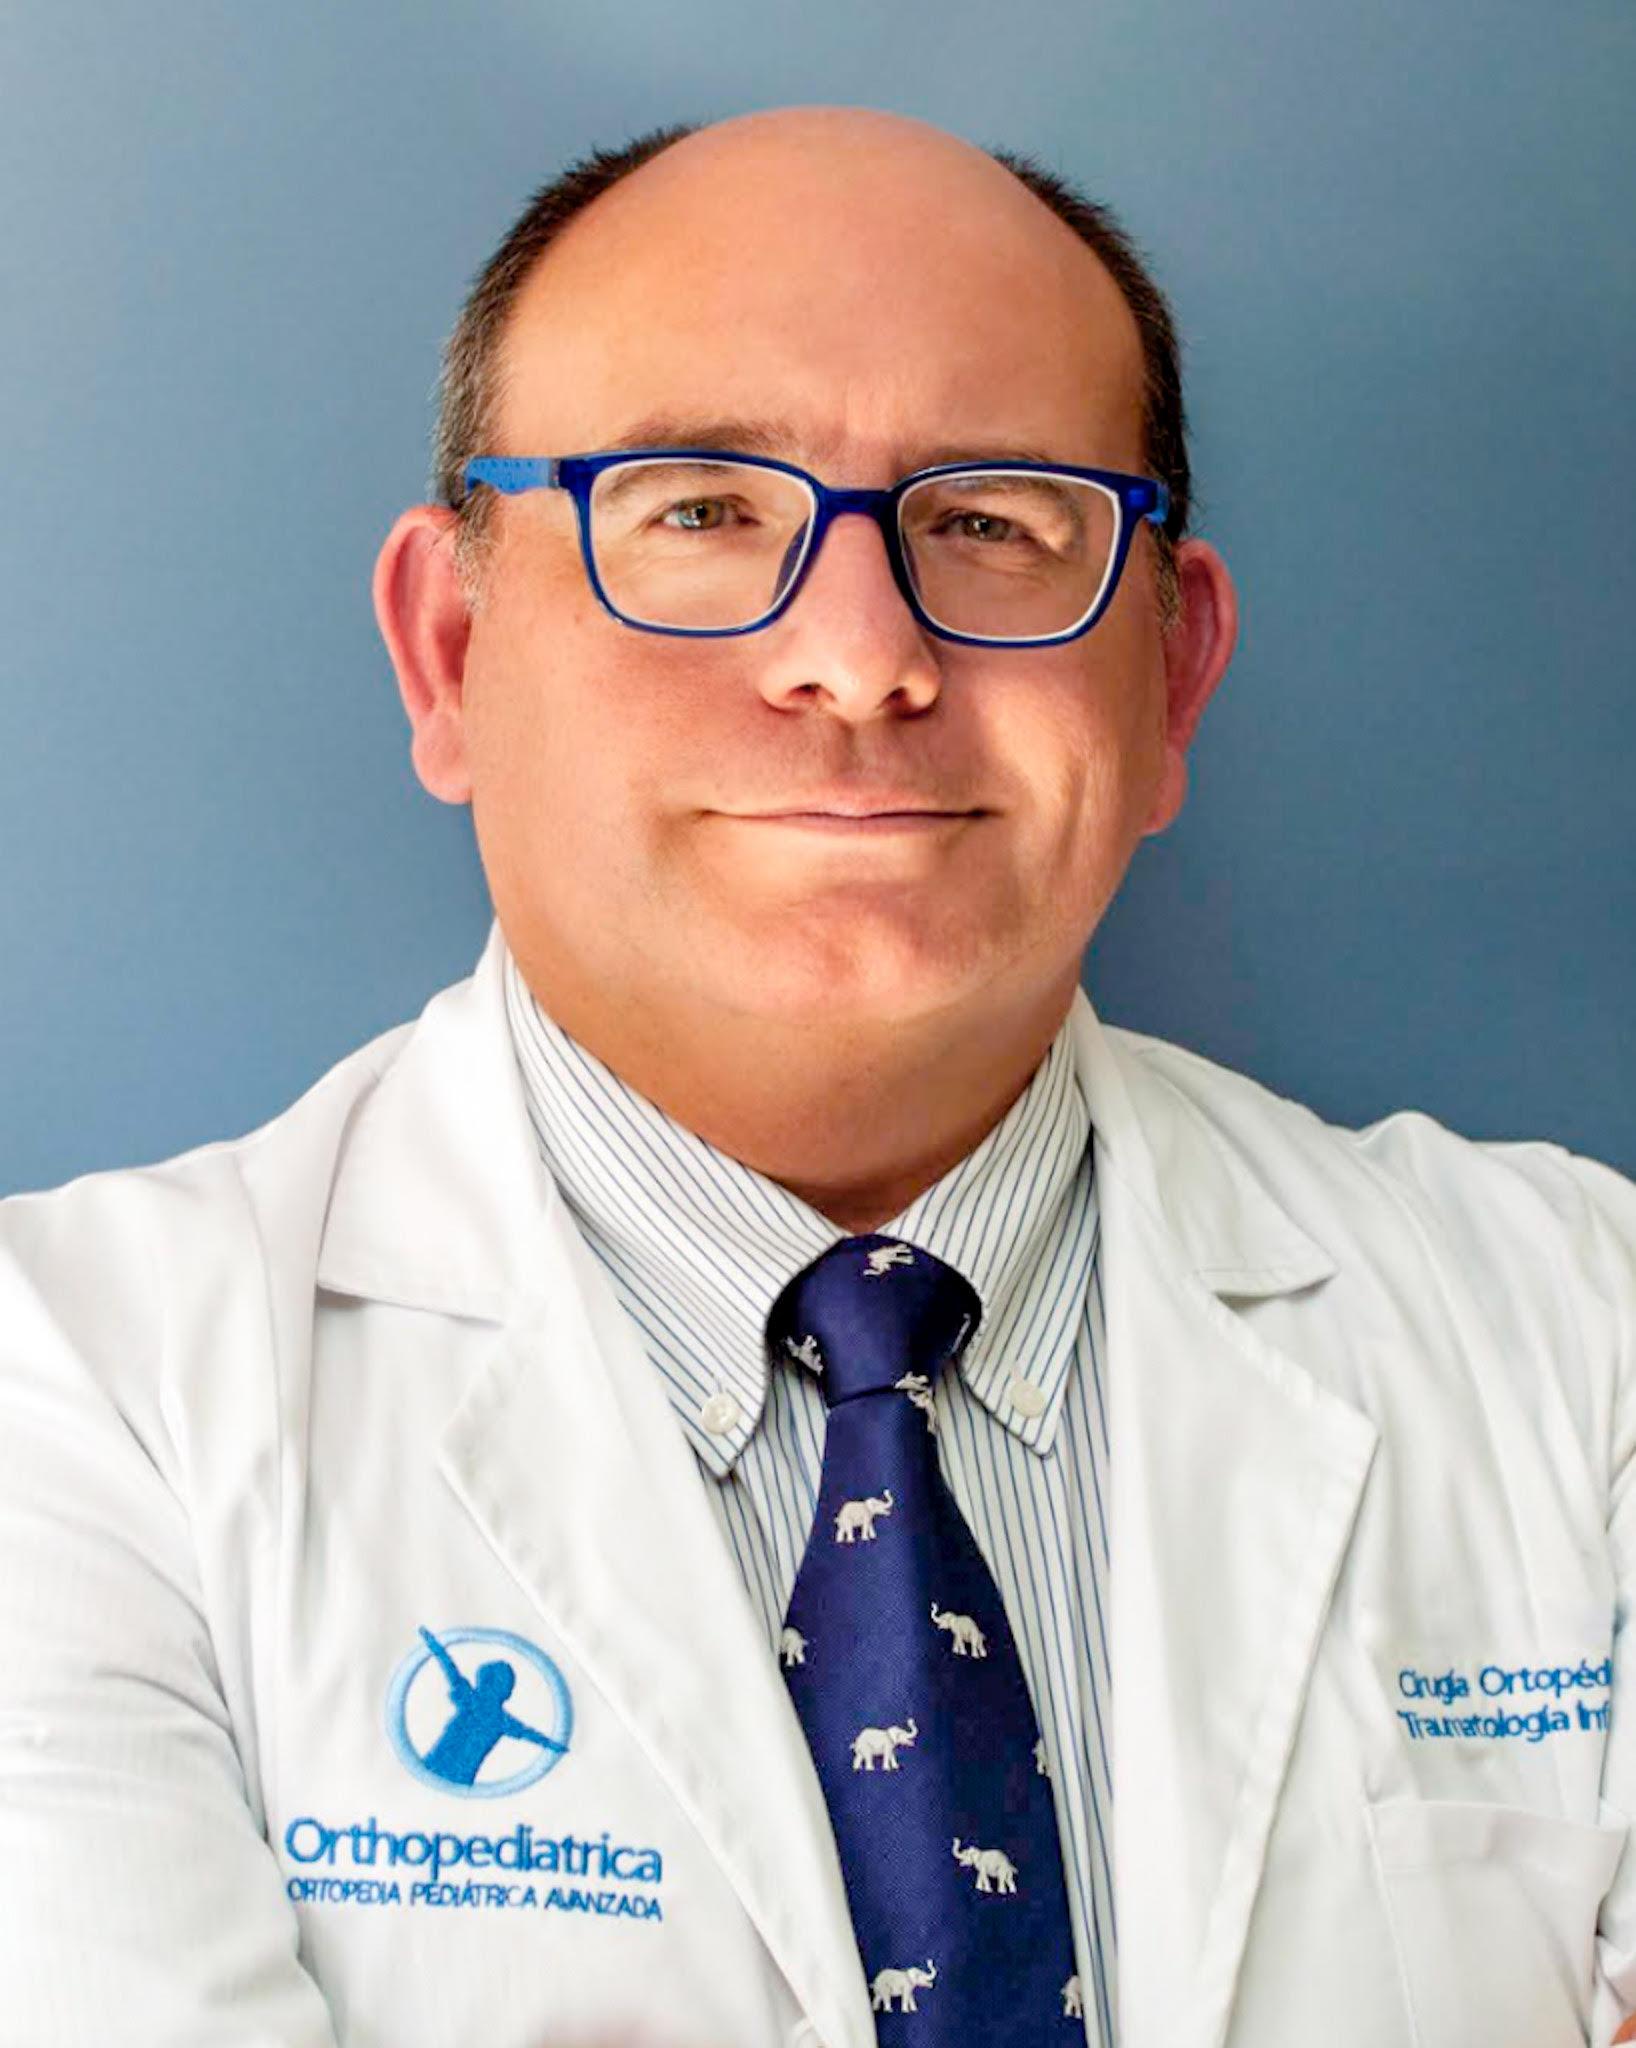 Dr. Farrington